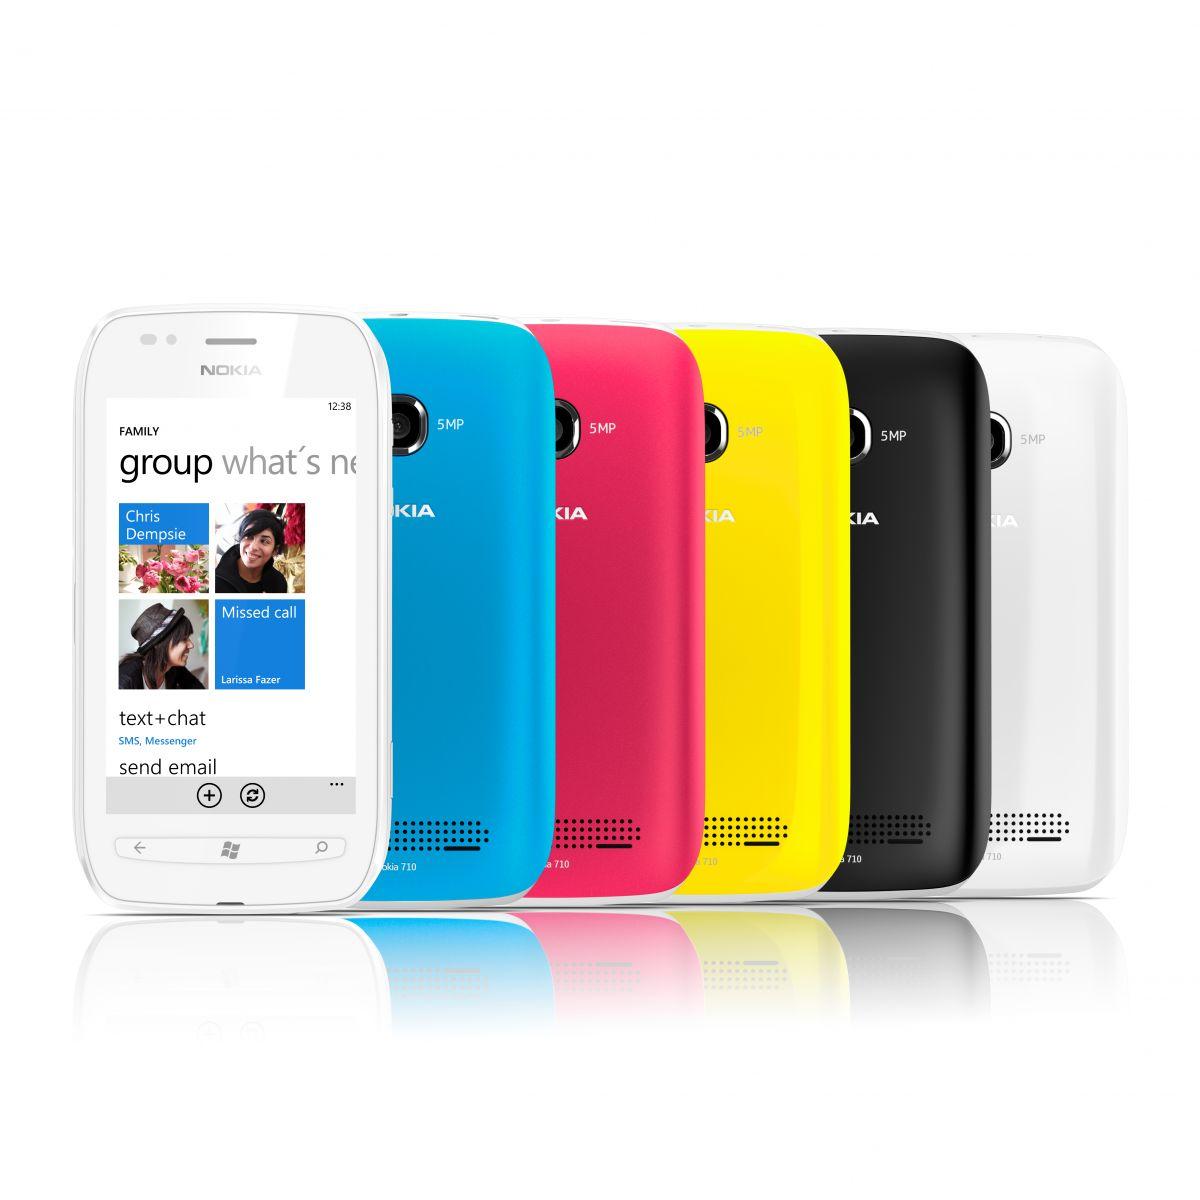 Nokia Lumia 710: tout en couleurs